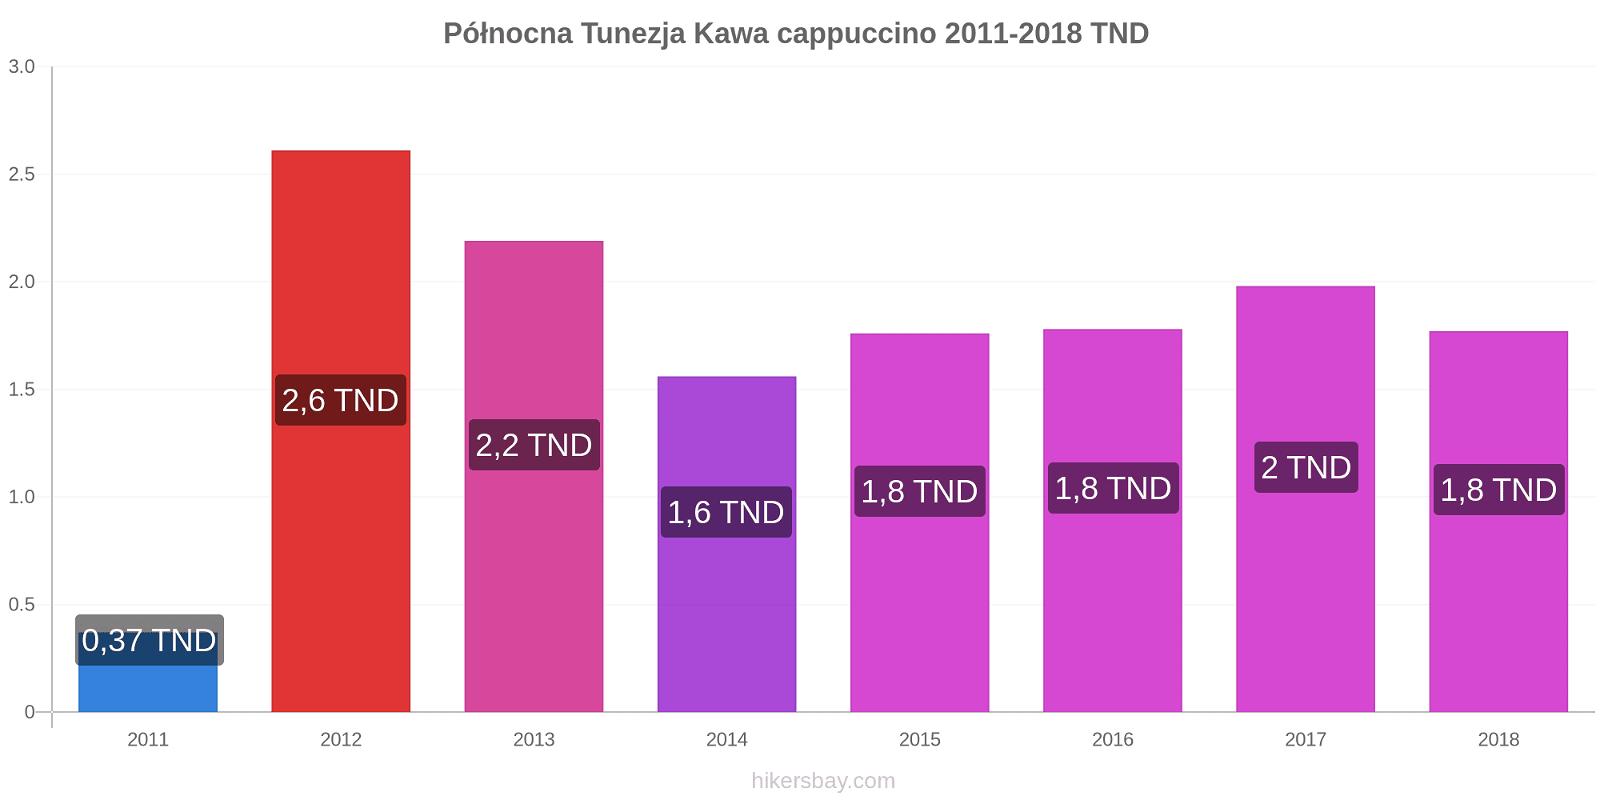 Północna Tunezja zmiany cen Kawa cappuccino hikersbay.com